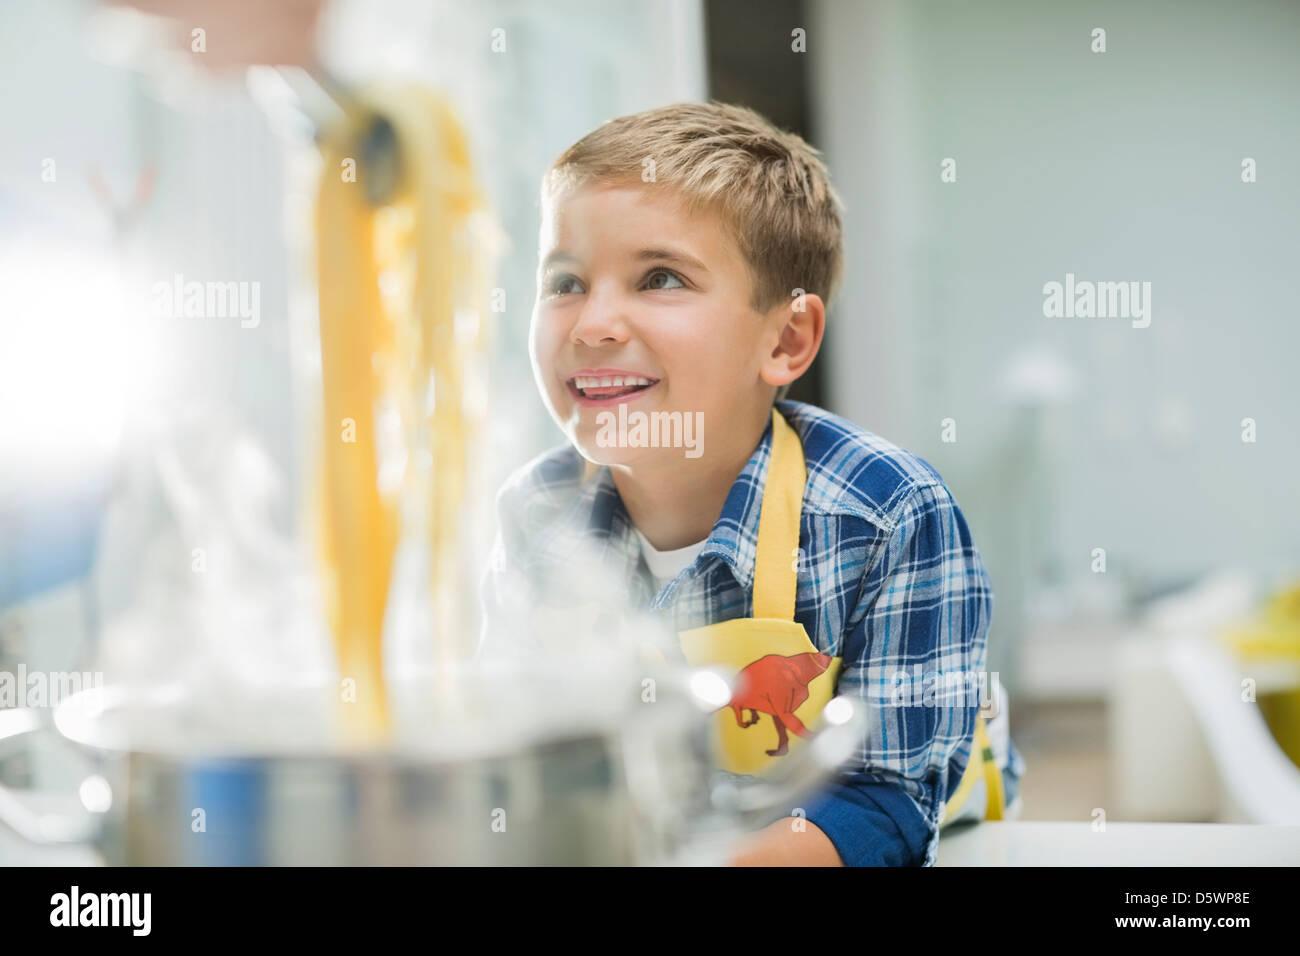 Junge lächelnd in Küche Stockfoto